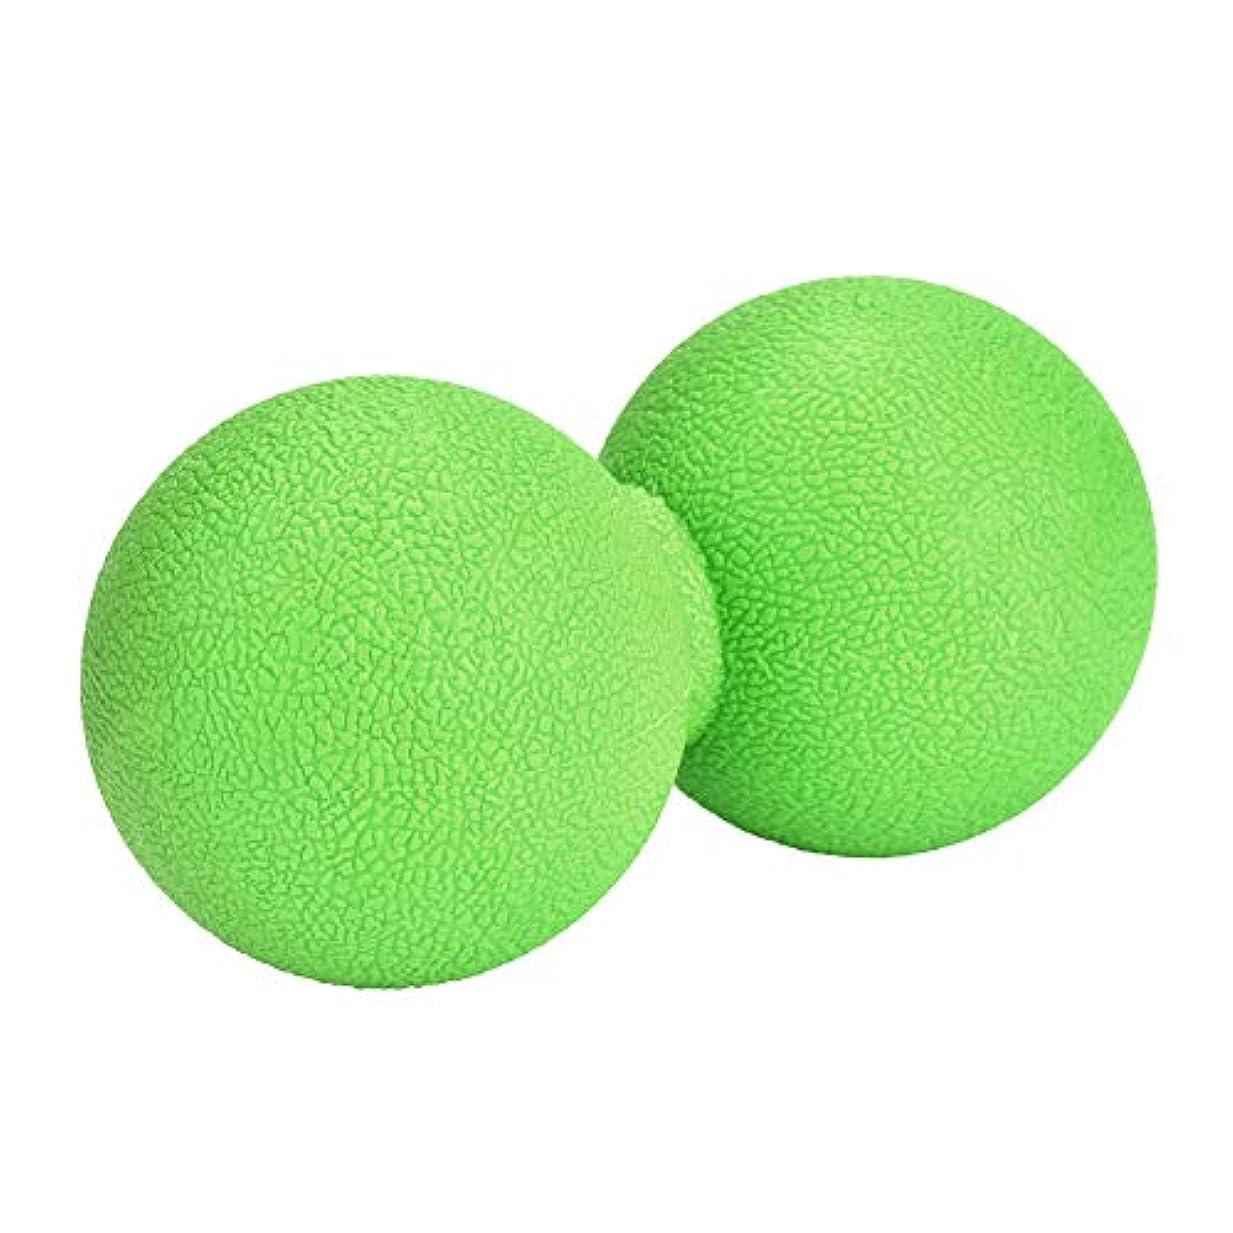 ごめんなさいペースタッチマッサージボール ストレッチボール ピーナッツ型 ヨガボール 首 背中 肩こり 腰 ふくらはぎ 足裏 筋膜リリース トレーニング